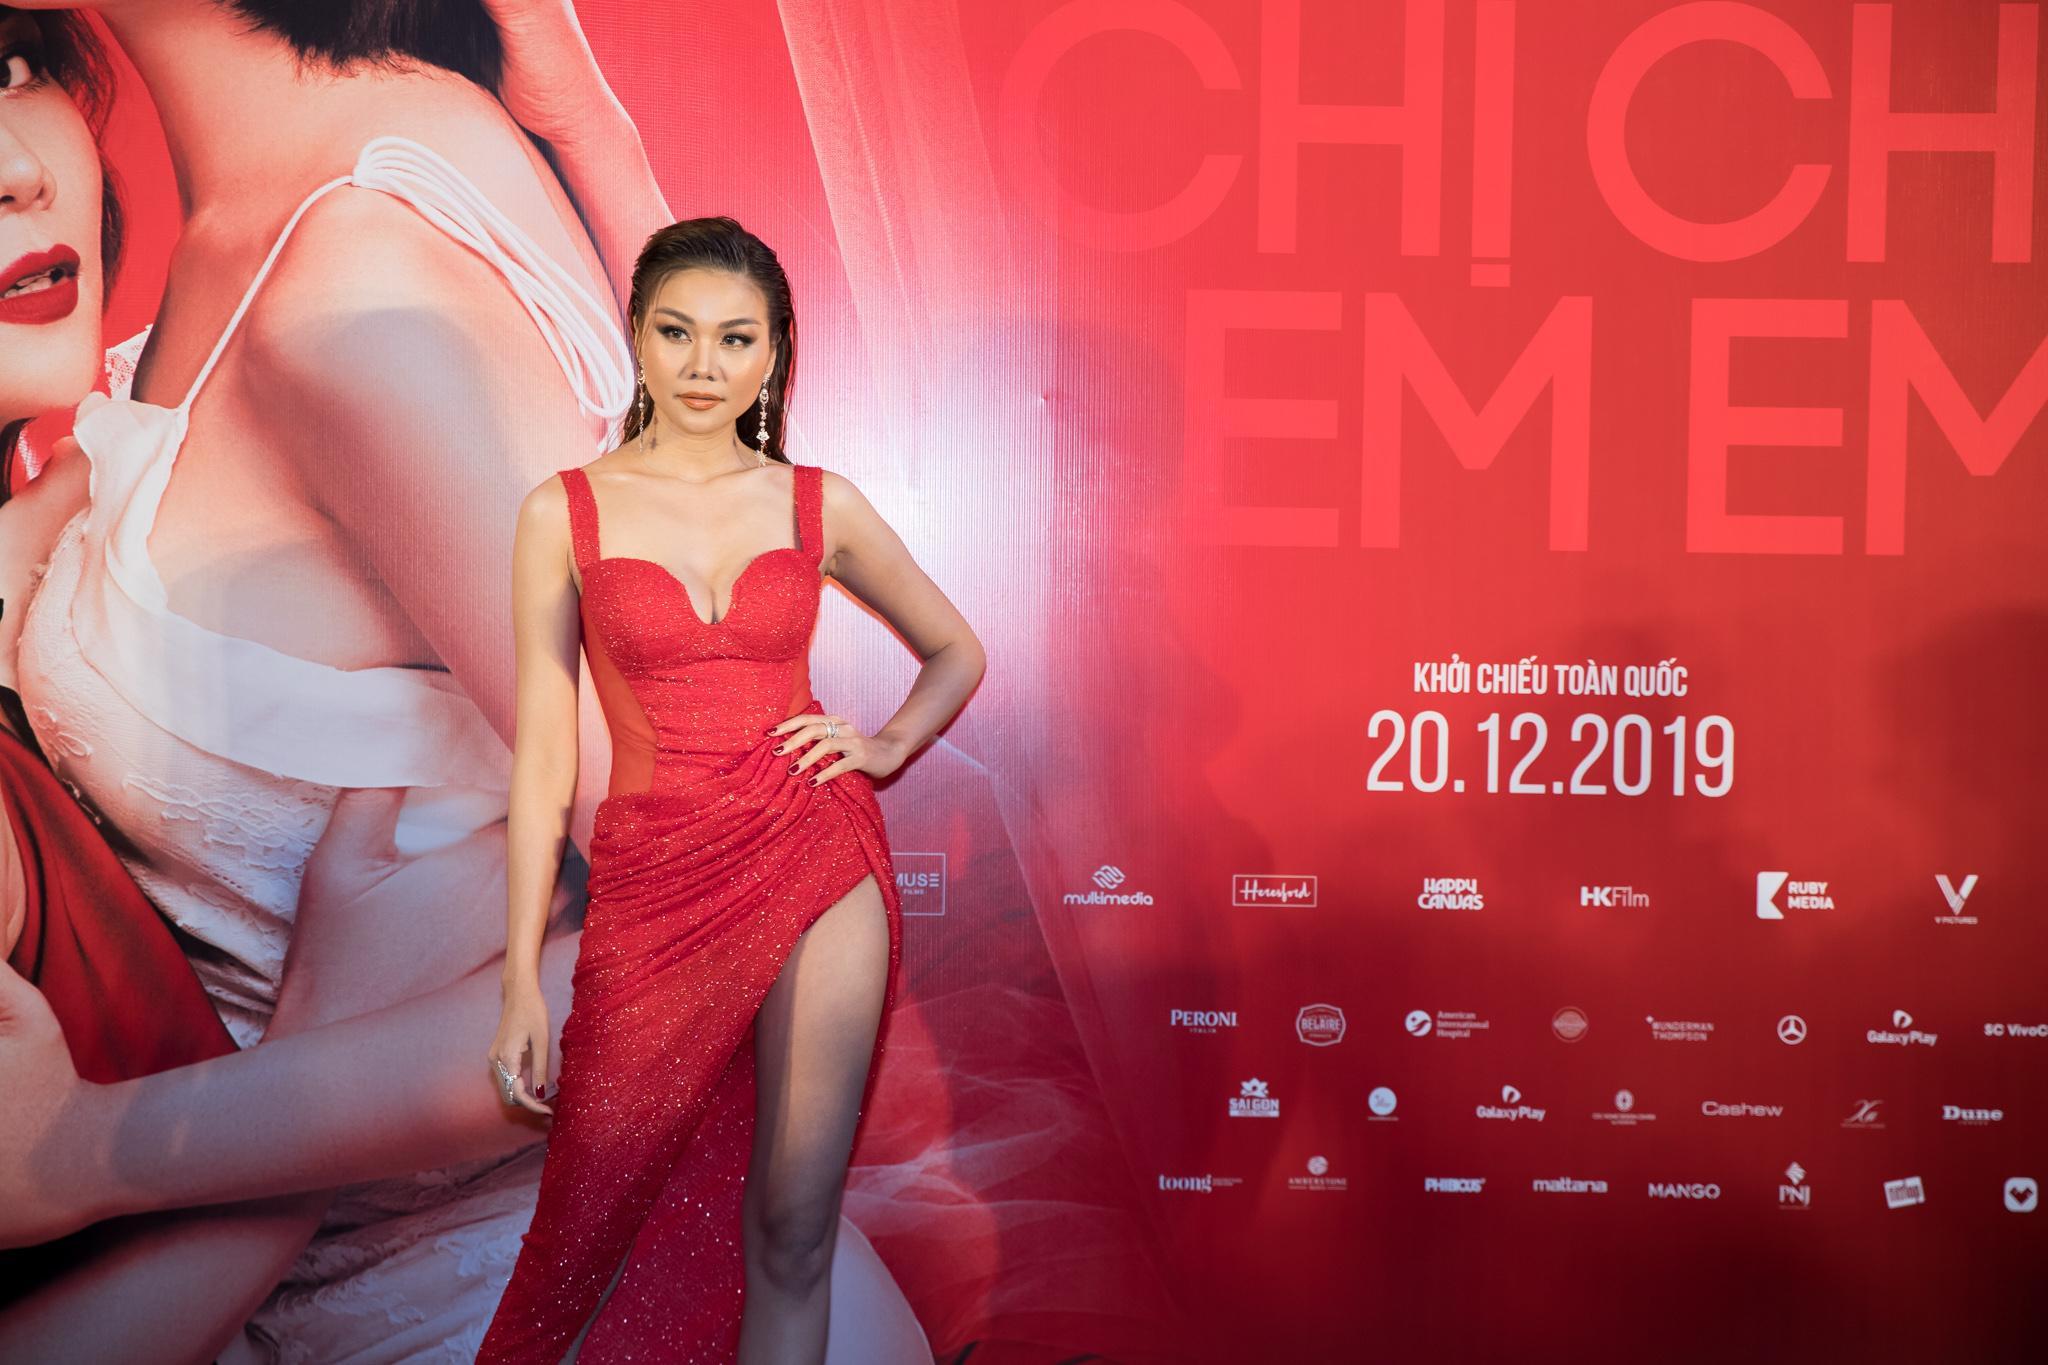 Siêu mẫu Thanh Hằng gợi cảm, nổi bật với chiếc váy ôm sát màu đỏ...